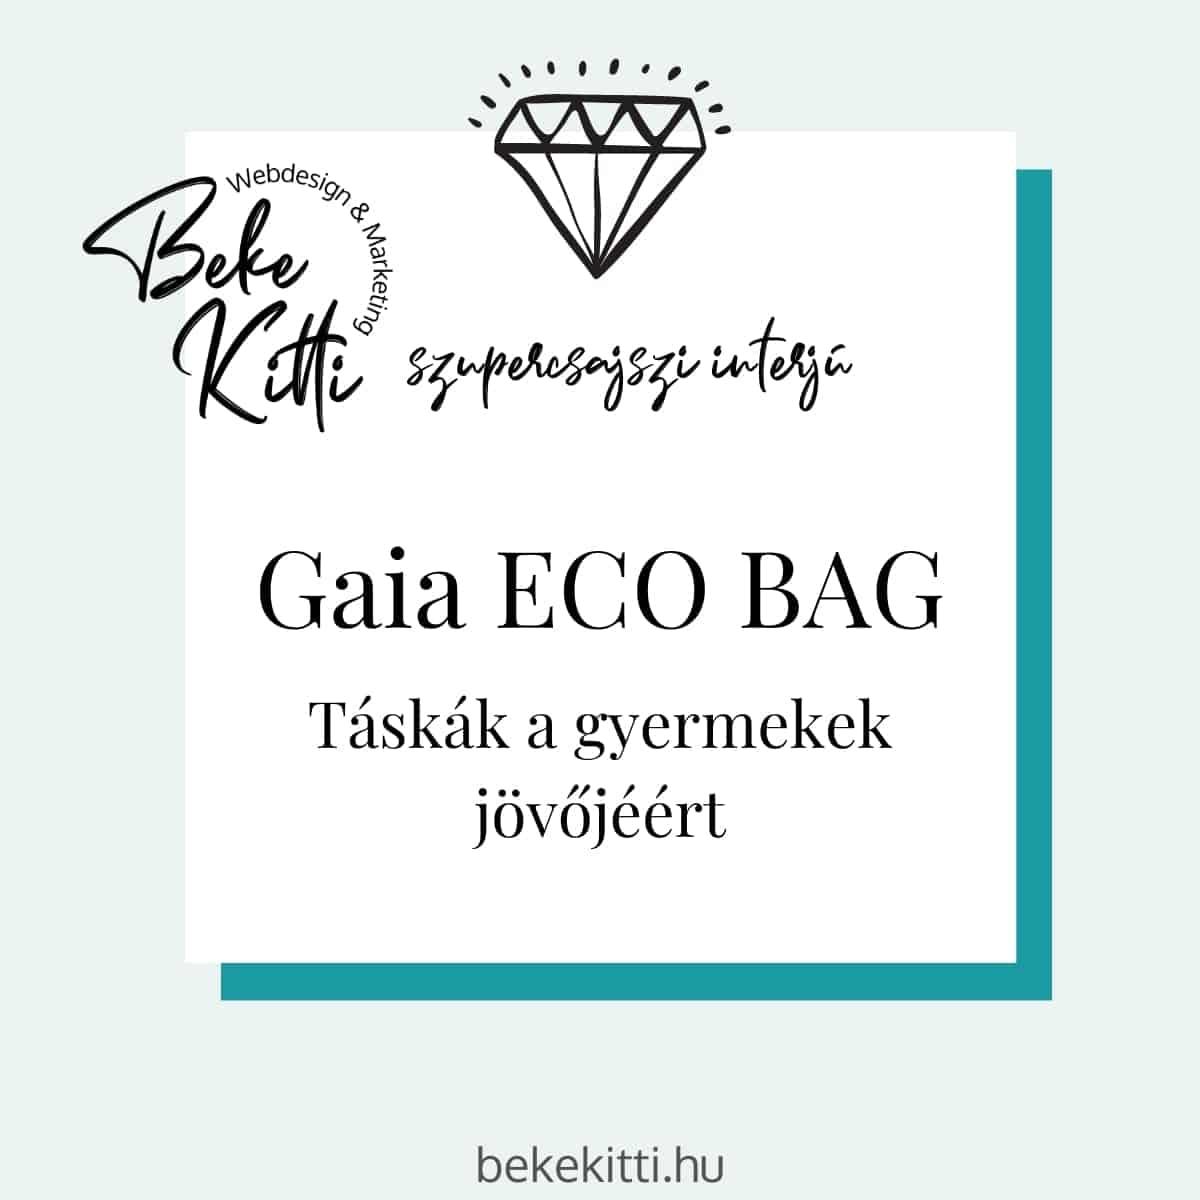 Szupercsajszi Interju Gaia Eco Bag Beke Kitti borító